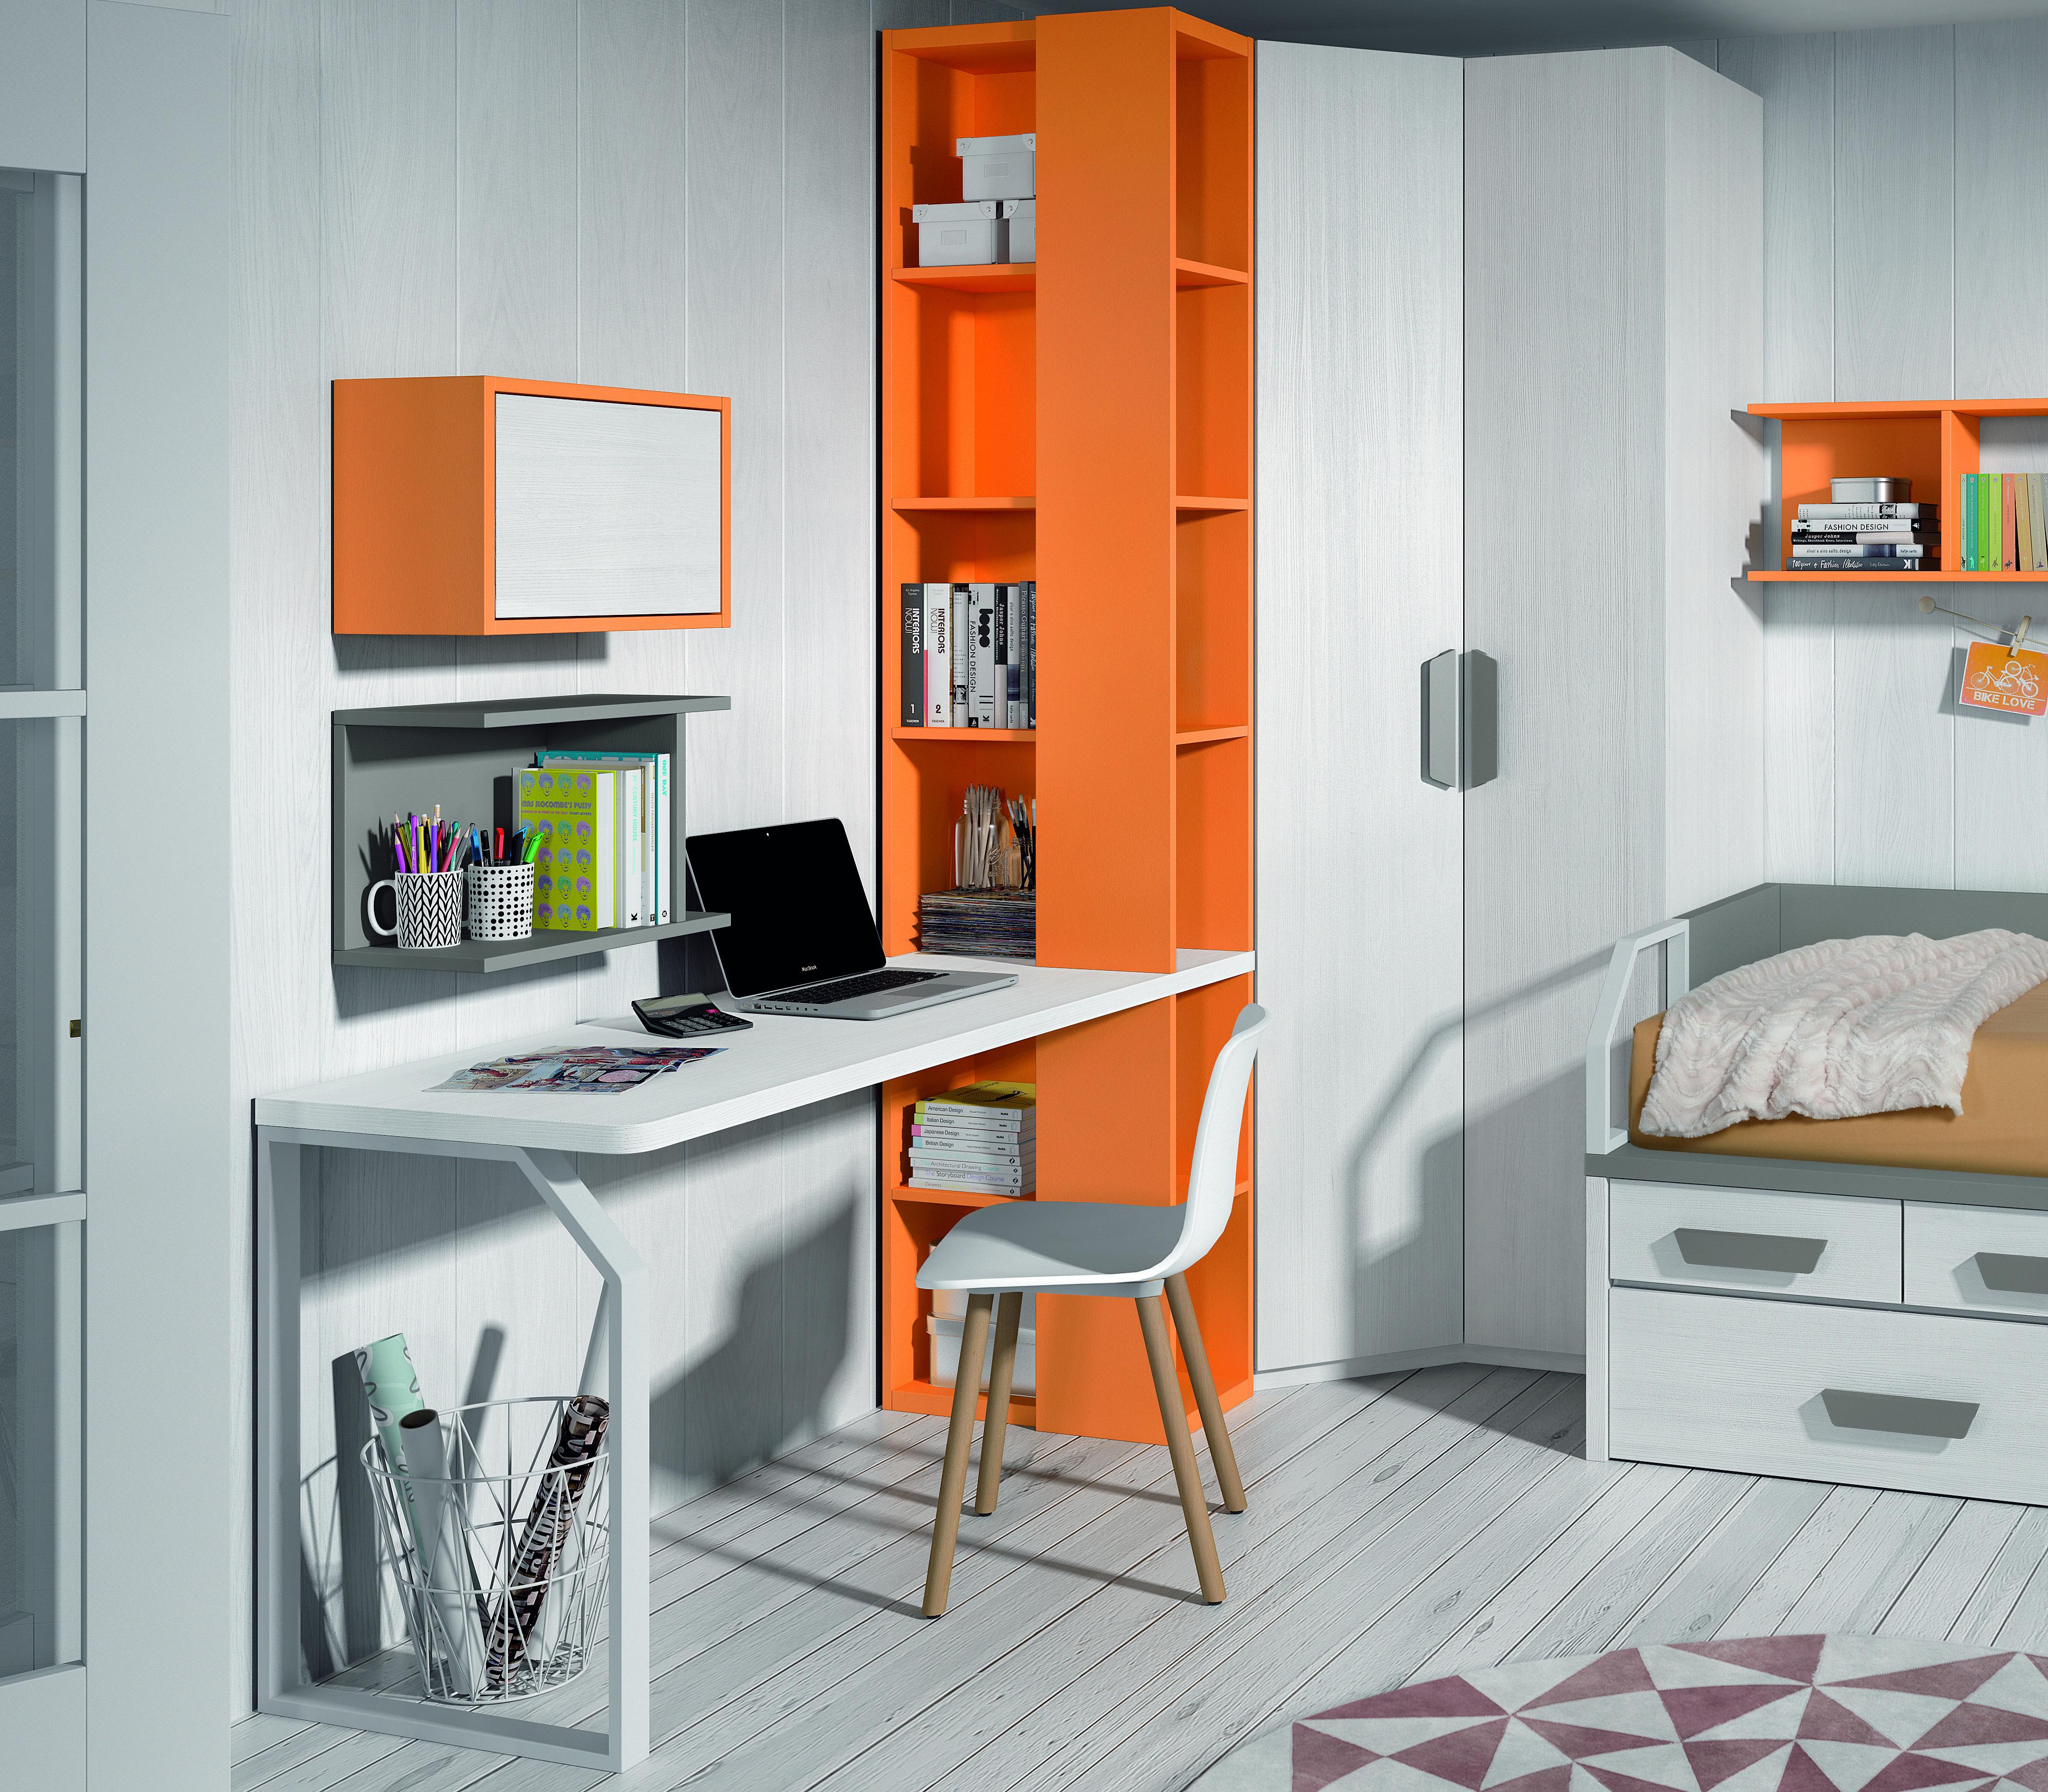 Bureau Moderne Avec Pieds Metalliques Et Etageres De Rangement Bureau Ado Mobilier De Salon Bureau